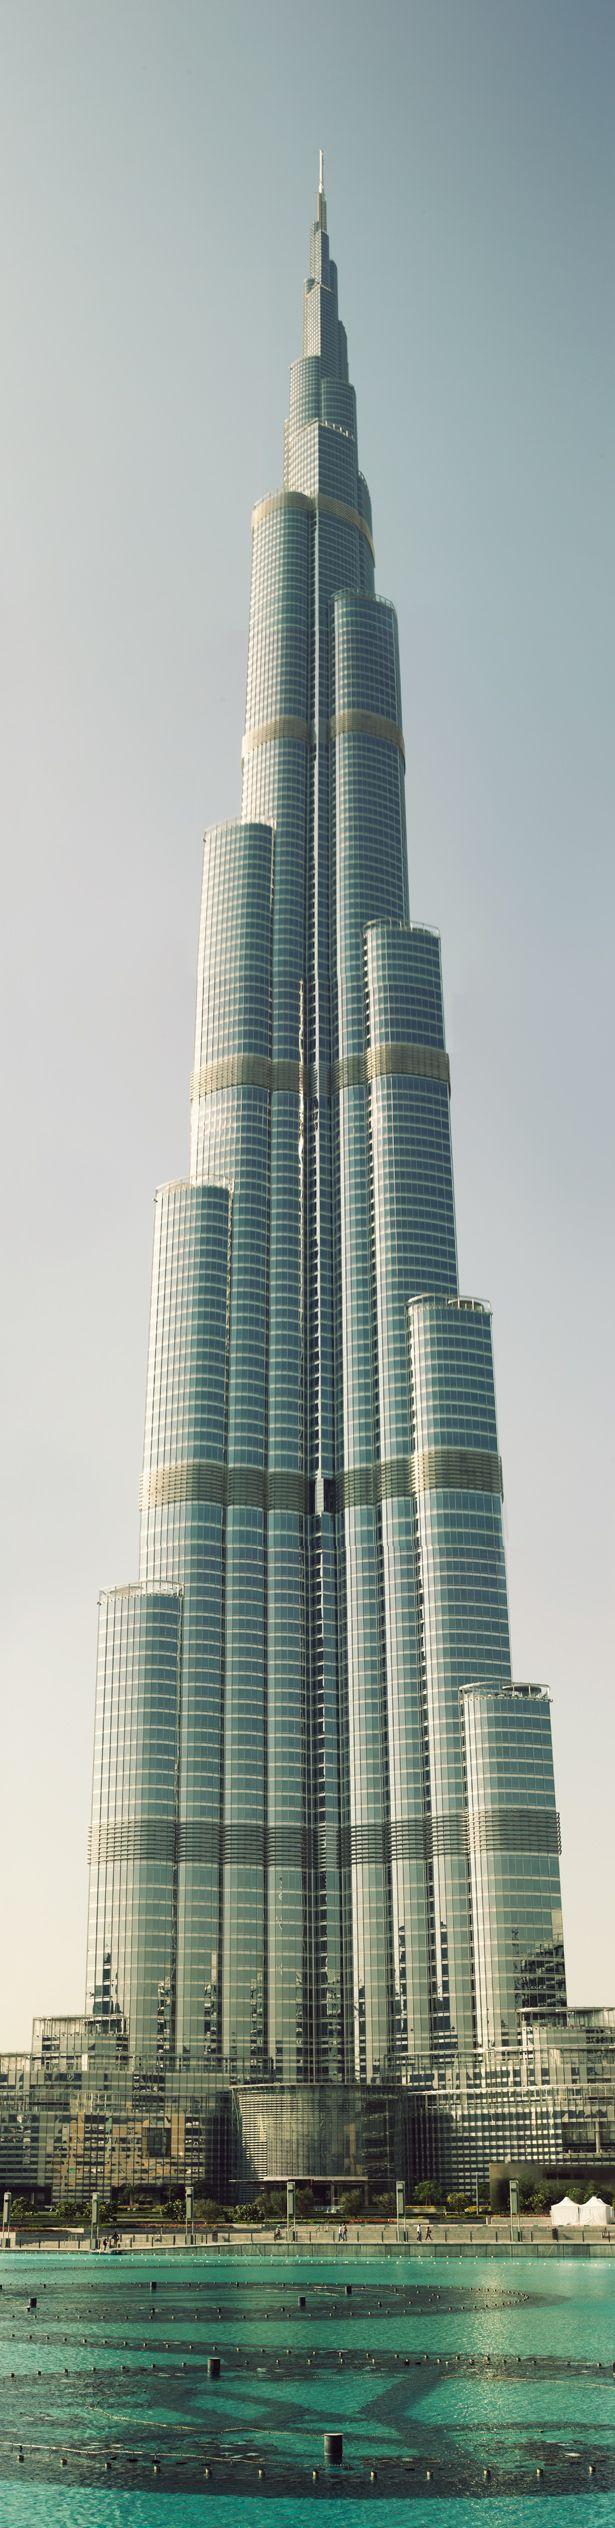 46 best dubai architecture images on pinterest | architecture